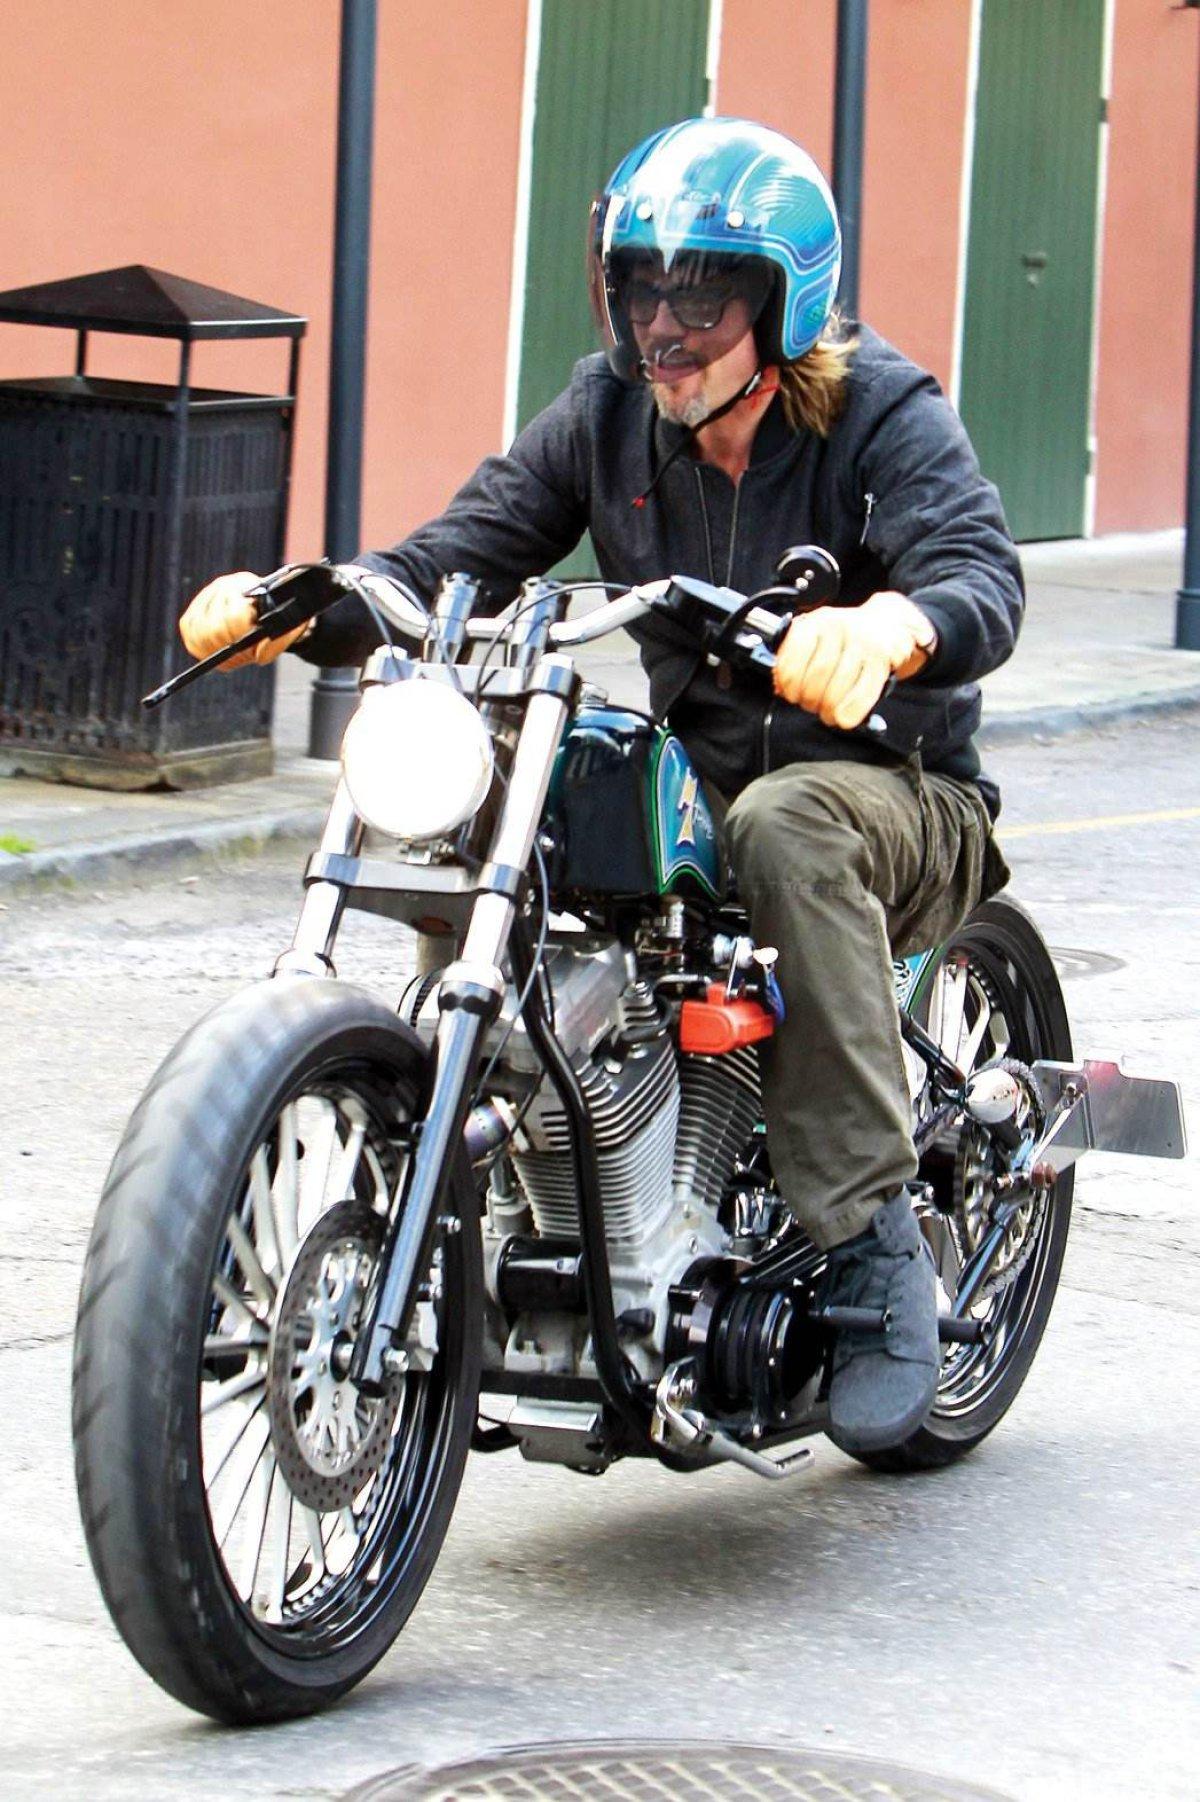 Brad Pitt colecciona motos, tiene unas 15!